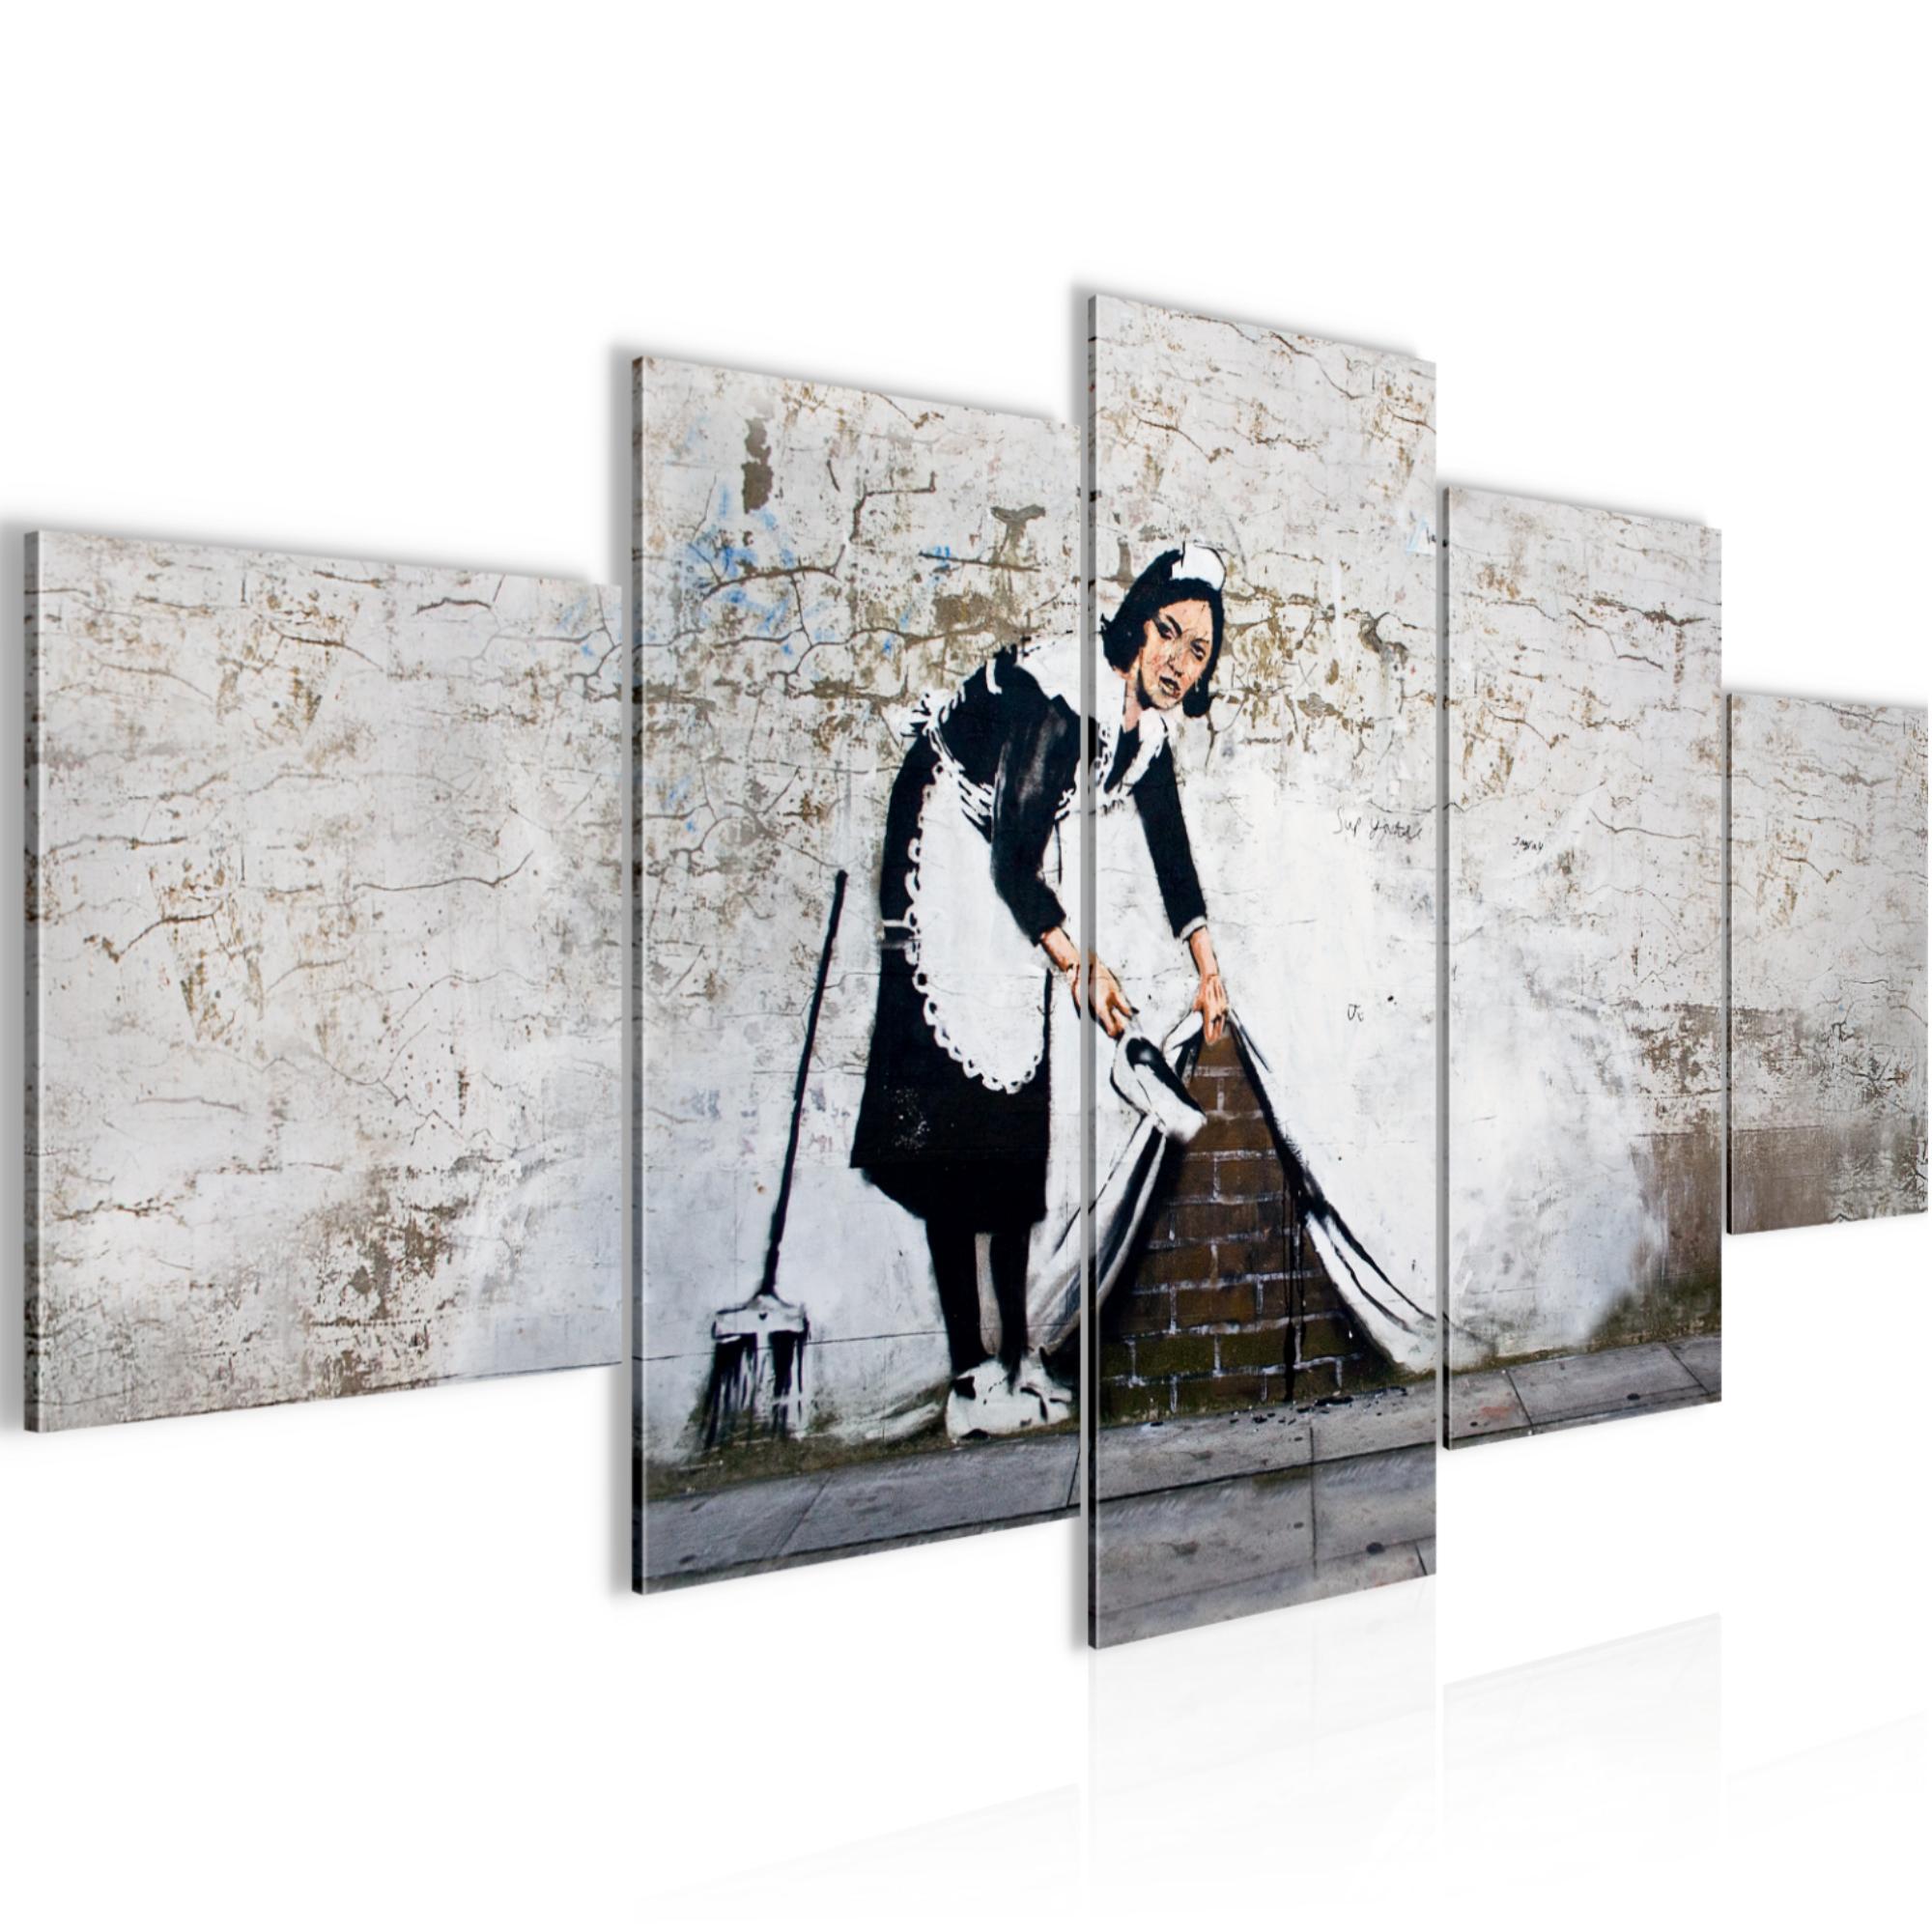 Full Size of Wandbilder Xxl Bilder Graffiti Street Art Vlies Leinwand Bild Fototapeten Wohnzimmer Sessel Modernes Bett 180x200 Teppich Hängeschrank Anbauwand Tapete Wohnzimmer Wandbilder Wohnzimmer Modern Xxl